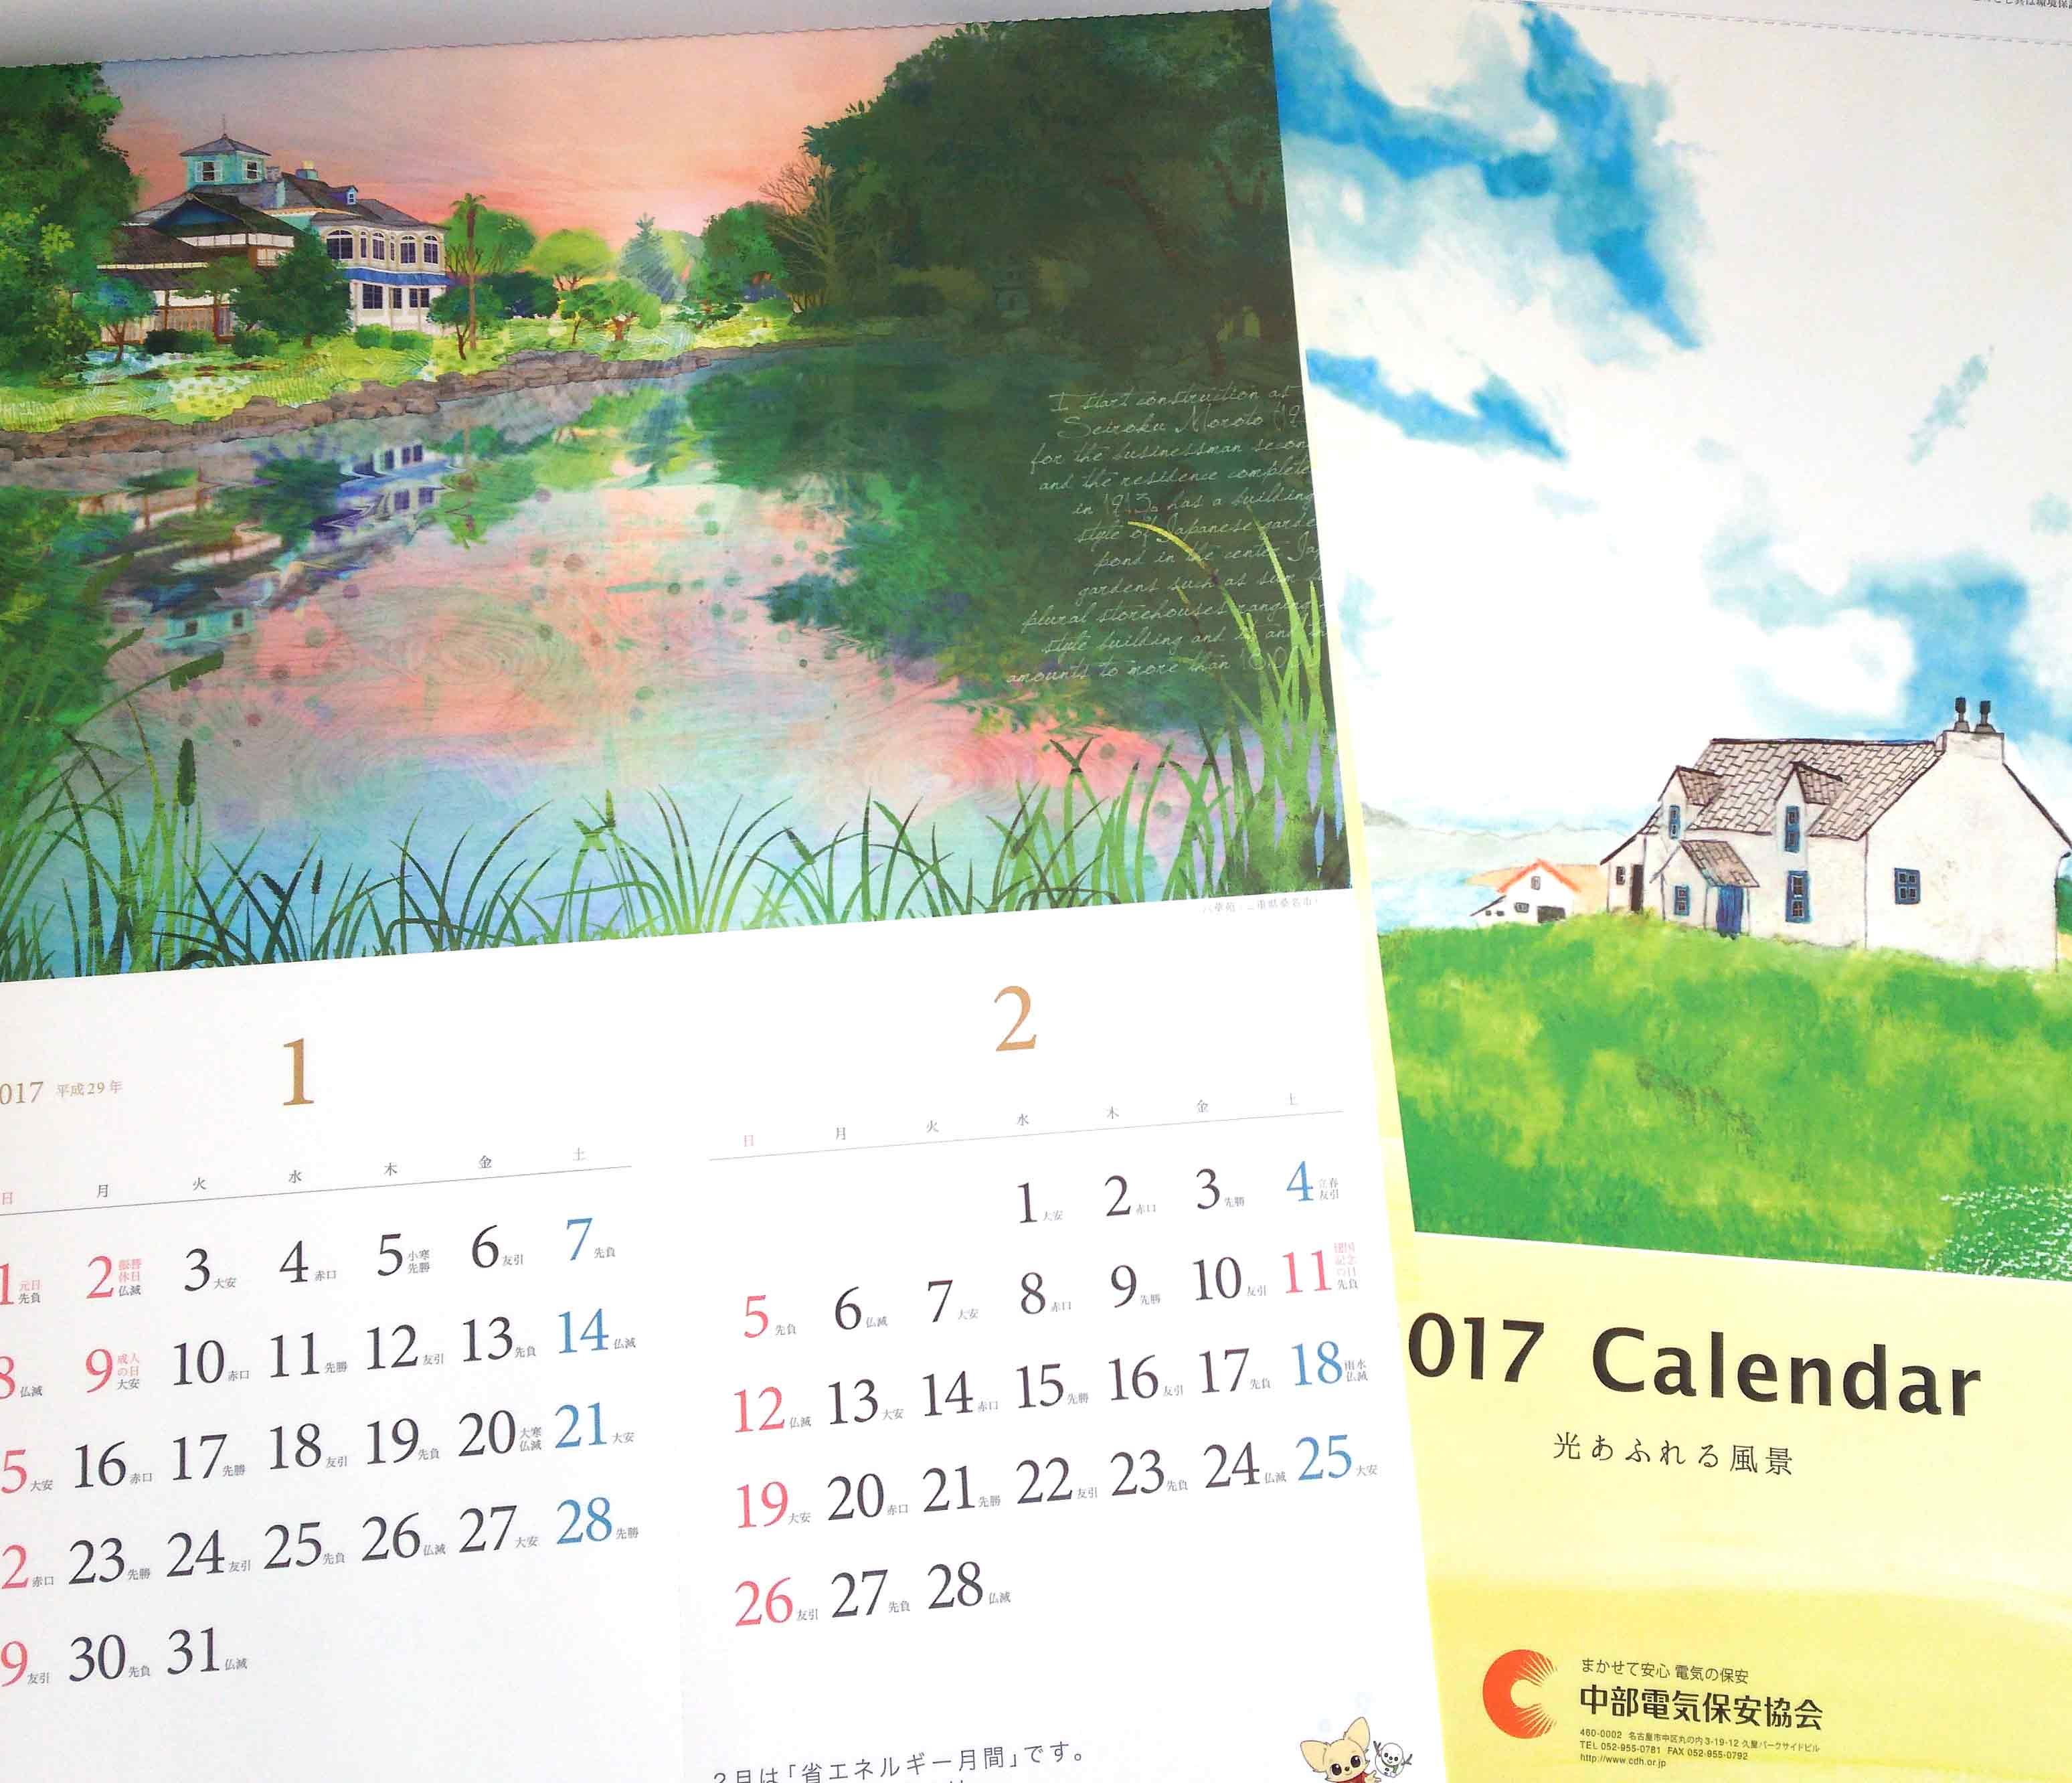 中部電力グループ 2017年カレンダー_b0192090_13255563.jpg